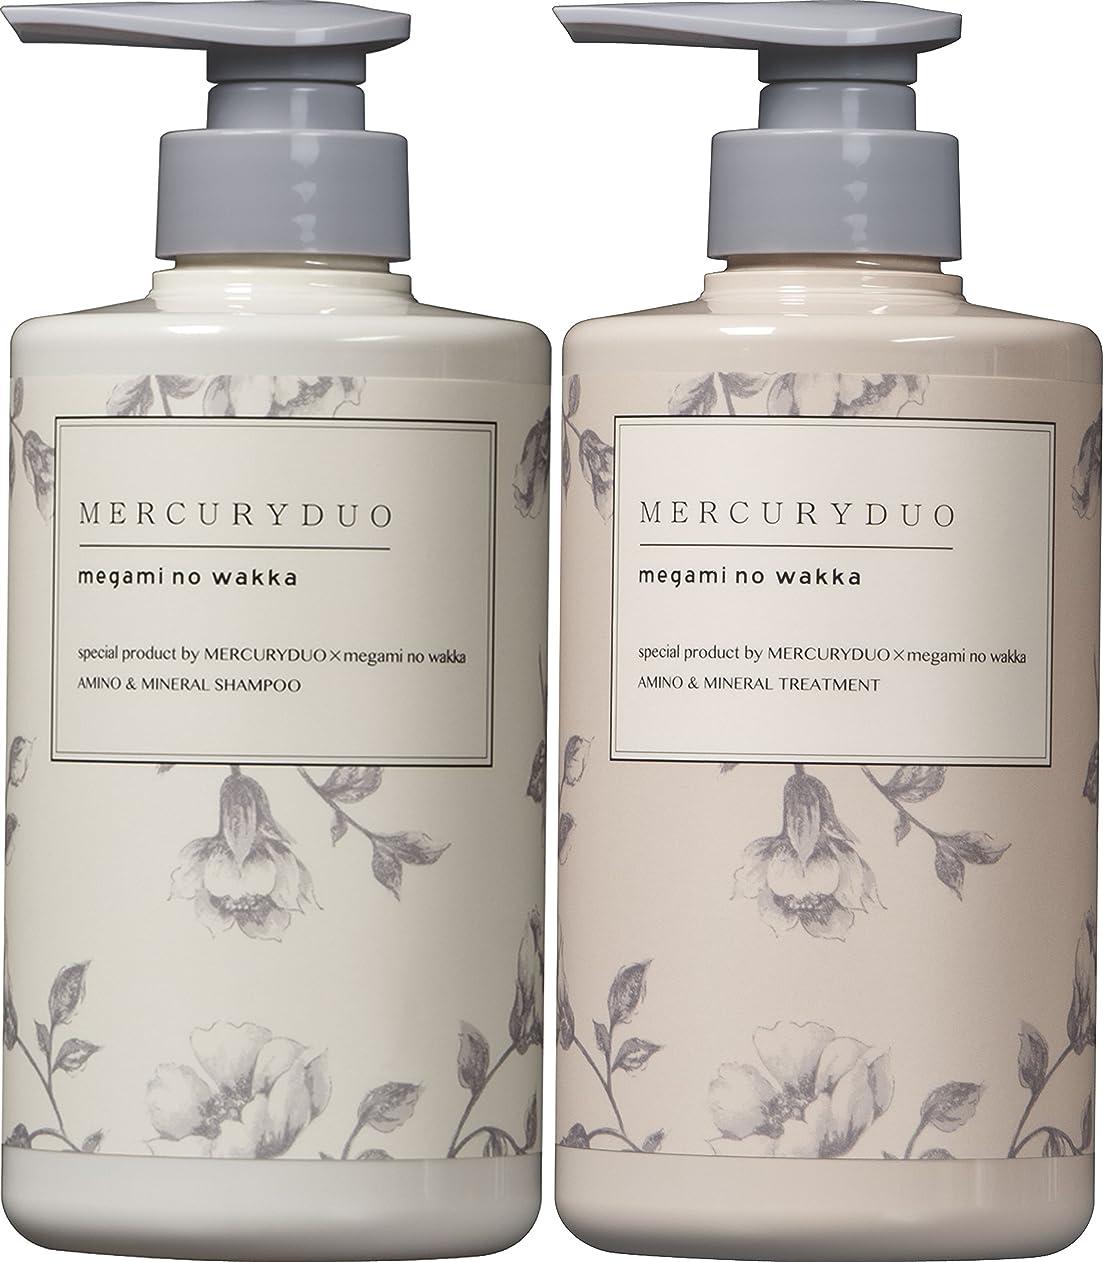 ハウジング覚えている省MERCURYDUO SHAMPOO&TREATMENTセット 480ml MERCURYDUO × megami no wakka (マーキュリーデュオ × 女神のわっか) special product シャンプー トリートメント